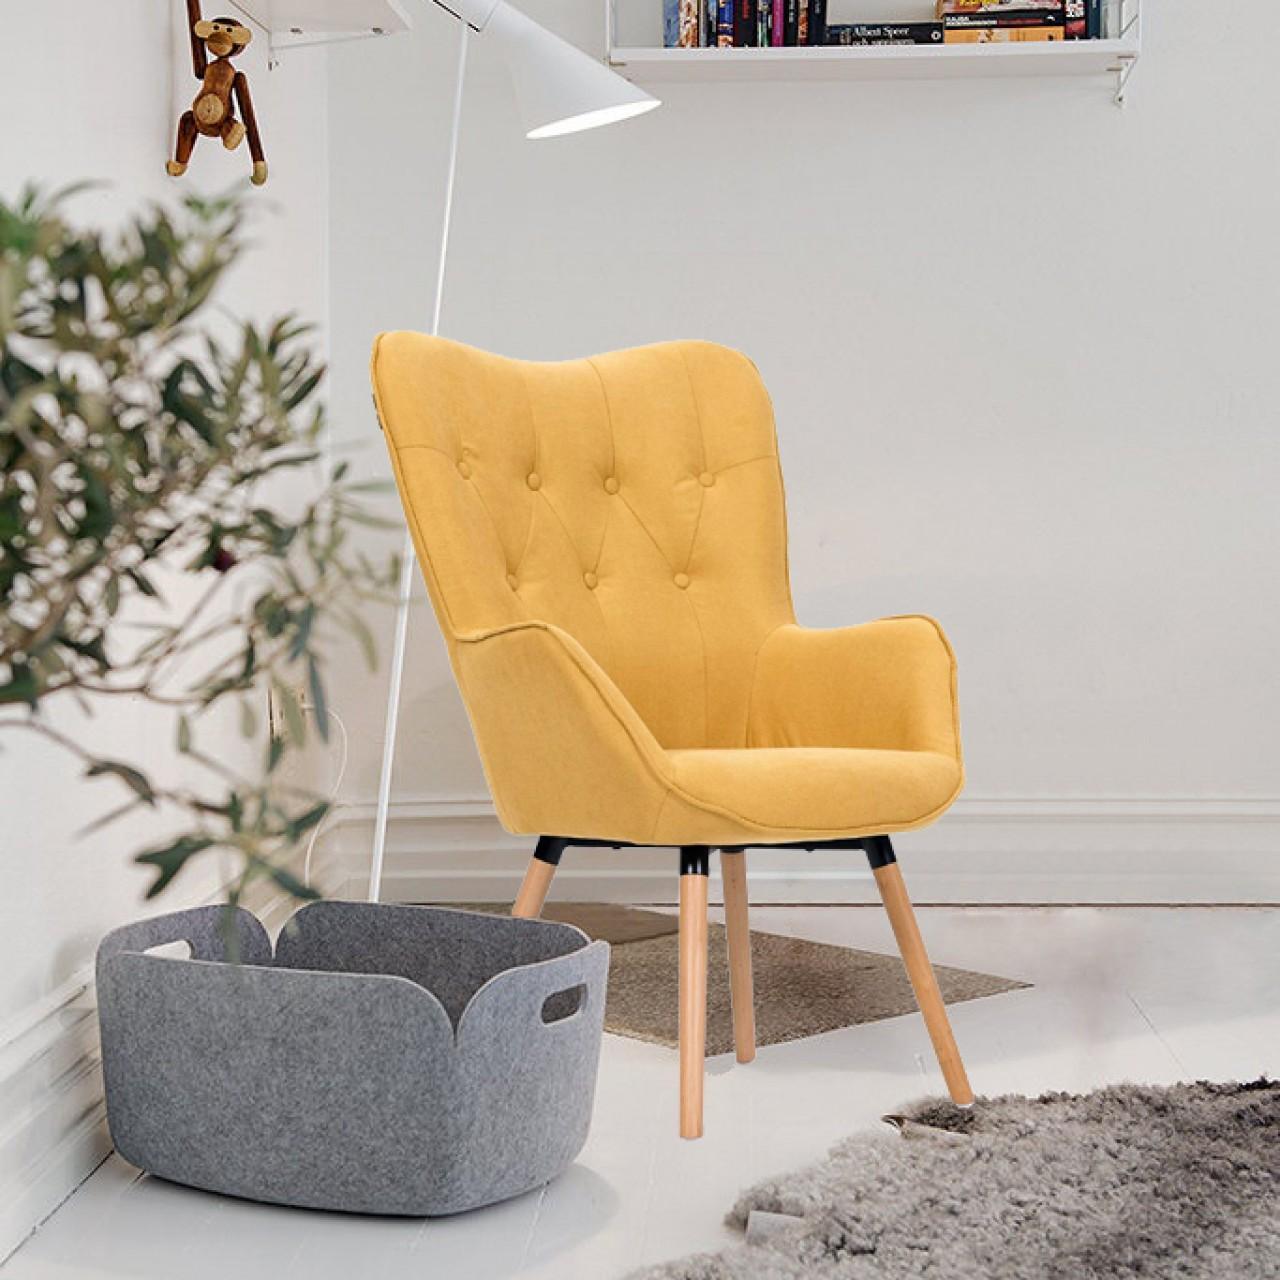 Πολυθρόνα Claremont Κίτρινο Έπιπλα Σαλονιού